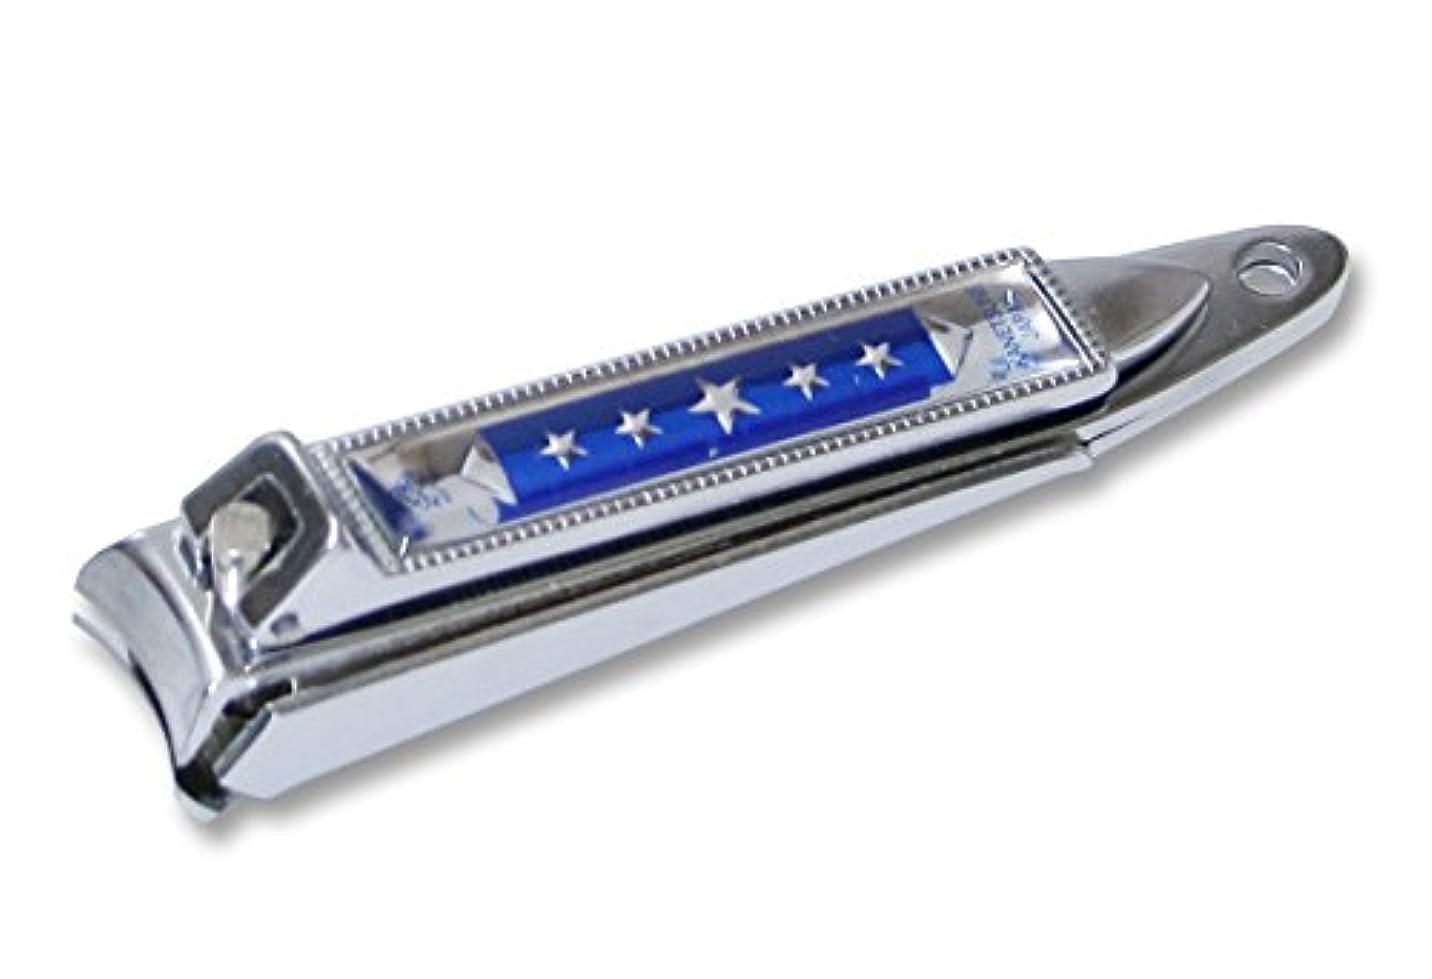 湿った繊毛取り消すKC-051BL 関の刃物 関兼常 チラーヌ爪切 中 青